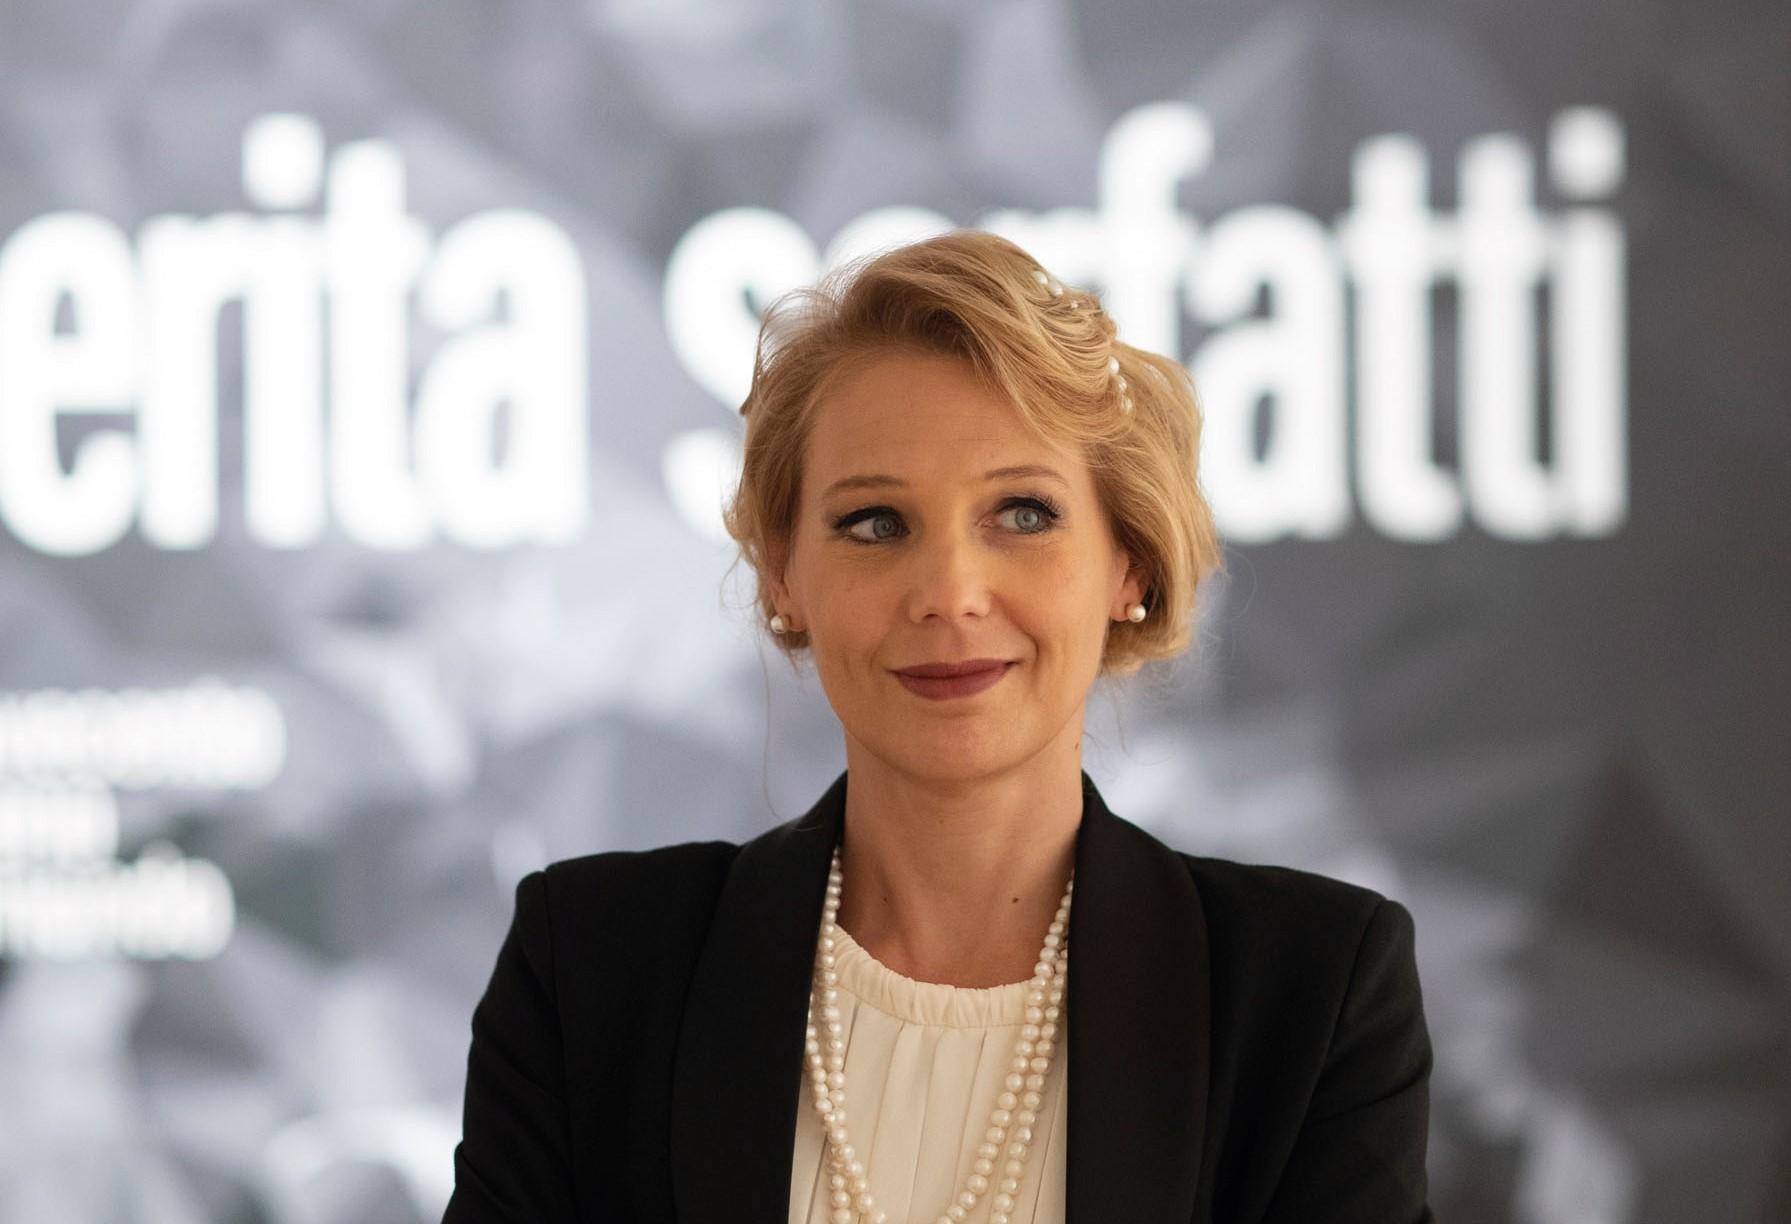 Professione: curatrice museale. Parola a Daniela Ferrari, conservatrice del MART di Rovereto